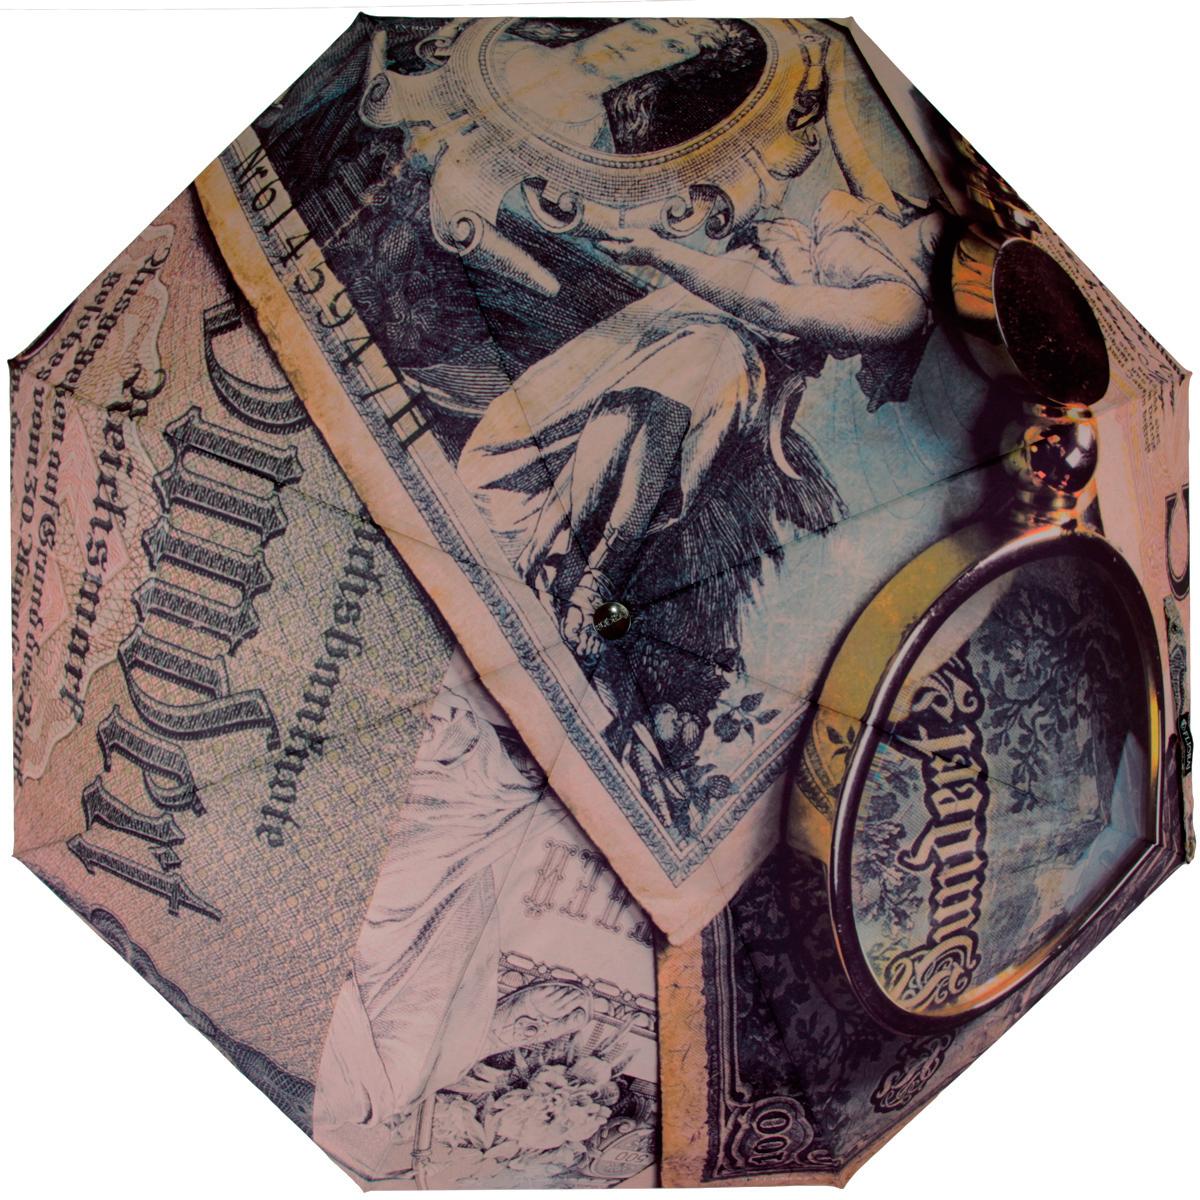 Зонт женский Flioraj Банкноты, механический, 5 сложений, коричневый, зеленый016-001 FJСтильный механический зонт Flioraj Банкноты в 5 сложений даже в ненастную погоду позволит вам оставаться стильной и элегантной. Каркас зонта из хромированной стали состоит из восьми спиц и оснащен удобной прорезиненной рукояткой. Ветростойкий каркас возвращается к нормальному положению из вывернутого ветром наизнанку зонта. Для этого нужно закрыть зонт и вновь его открыть. Зонт имеет механический тип сложения: купол открывается и закрывается вручную, стержень также складывается вручную до характерного щелчка. Купол зонта выполнен из прочного полиэстера и оформлен изображением в стиле ретро. Закрытый купол фиксируется хлястиком на кнопке. На рукоятке для удобства есть небольшая эластичная петля, позволяющая надеть зонт на руку тогда, когда это будет необходимо. К зонту прилагается чехол.